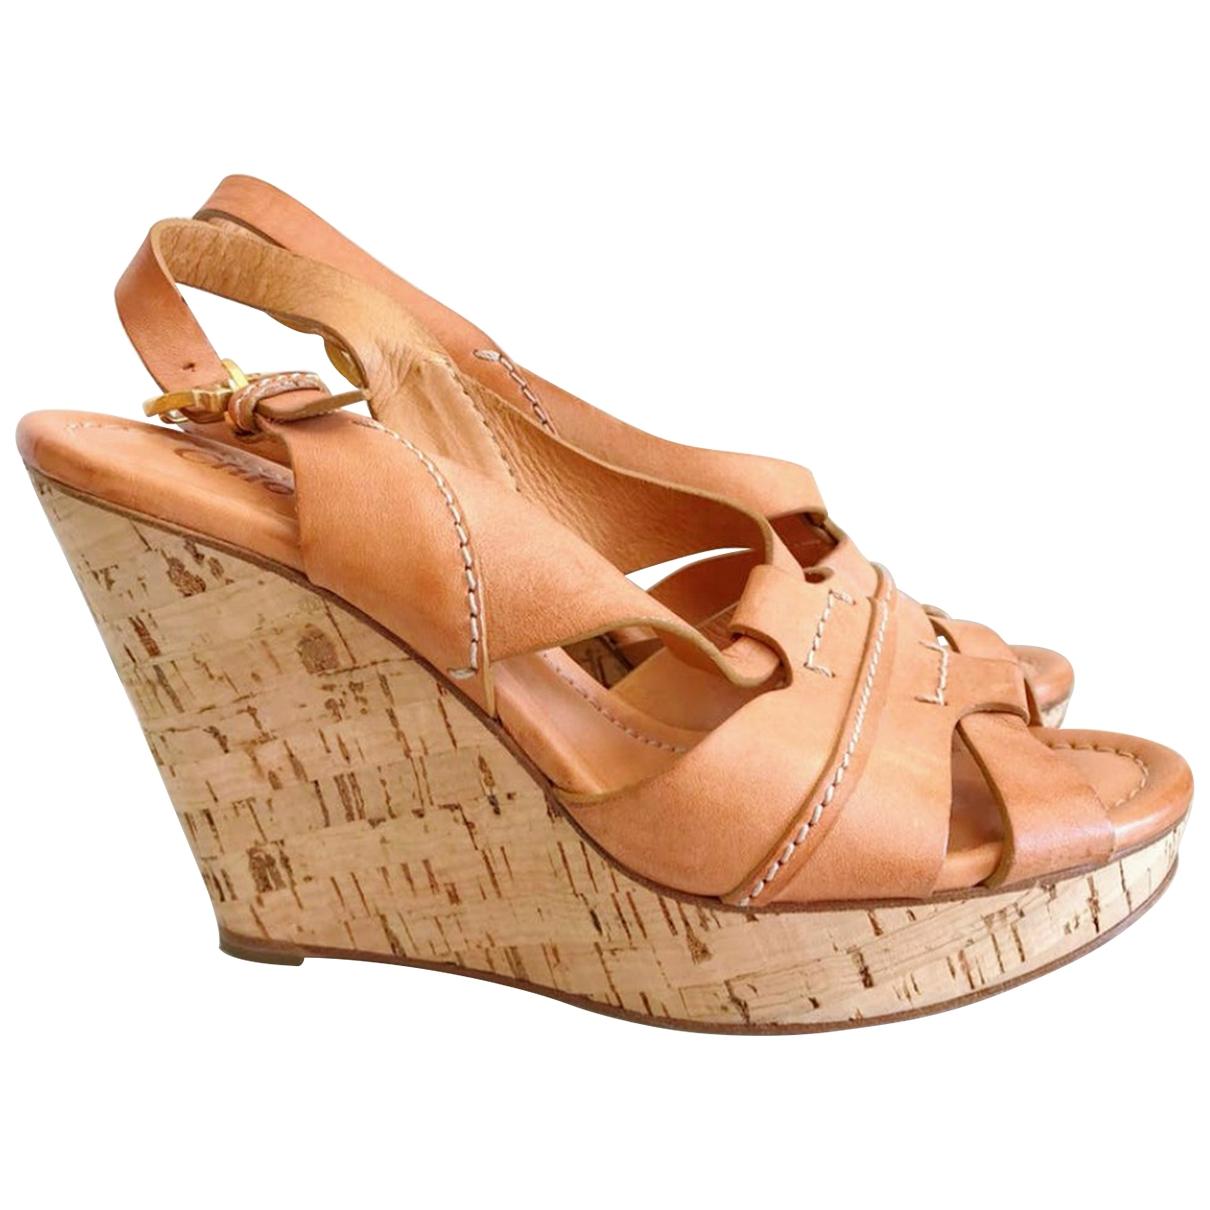 Chloe - Sandales   pour femme en cuir - camel